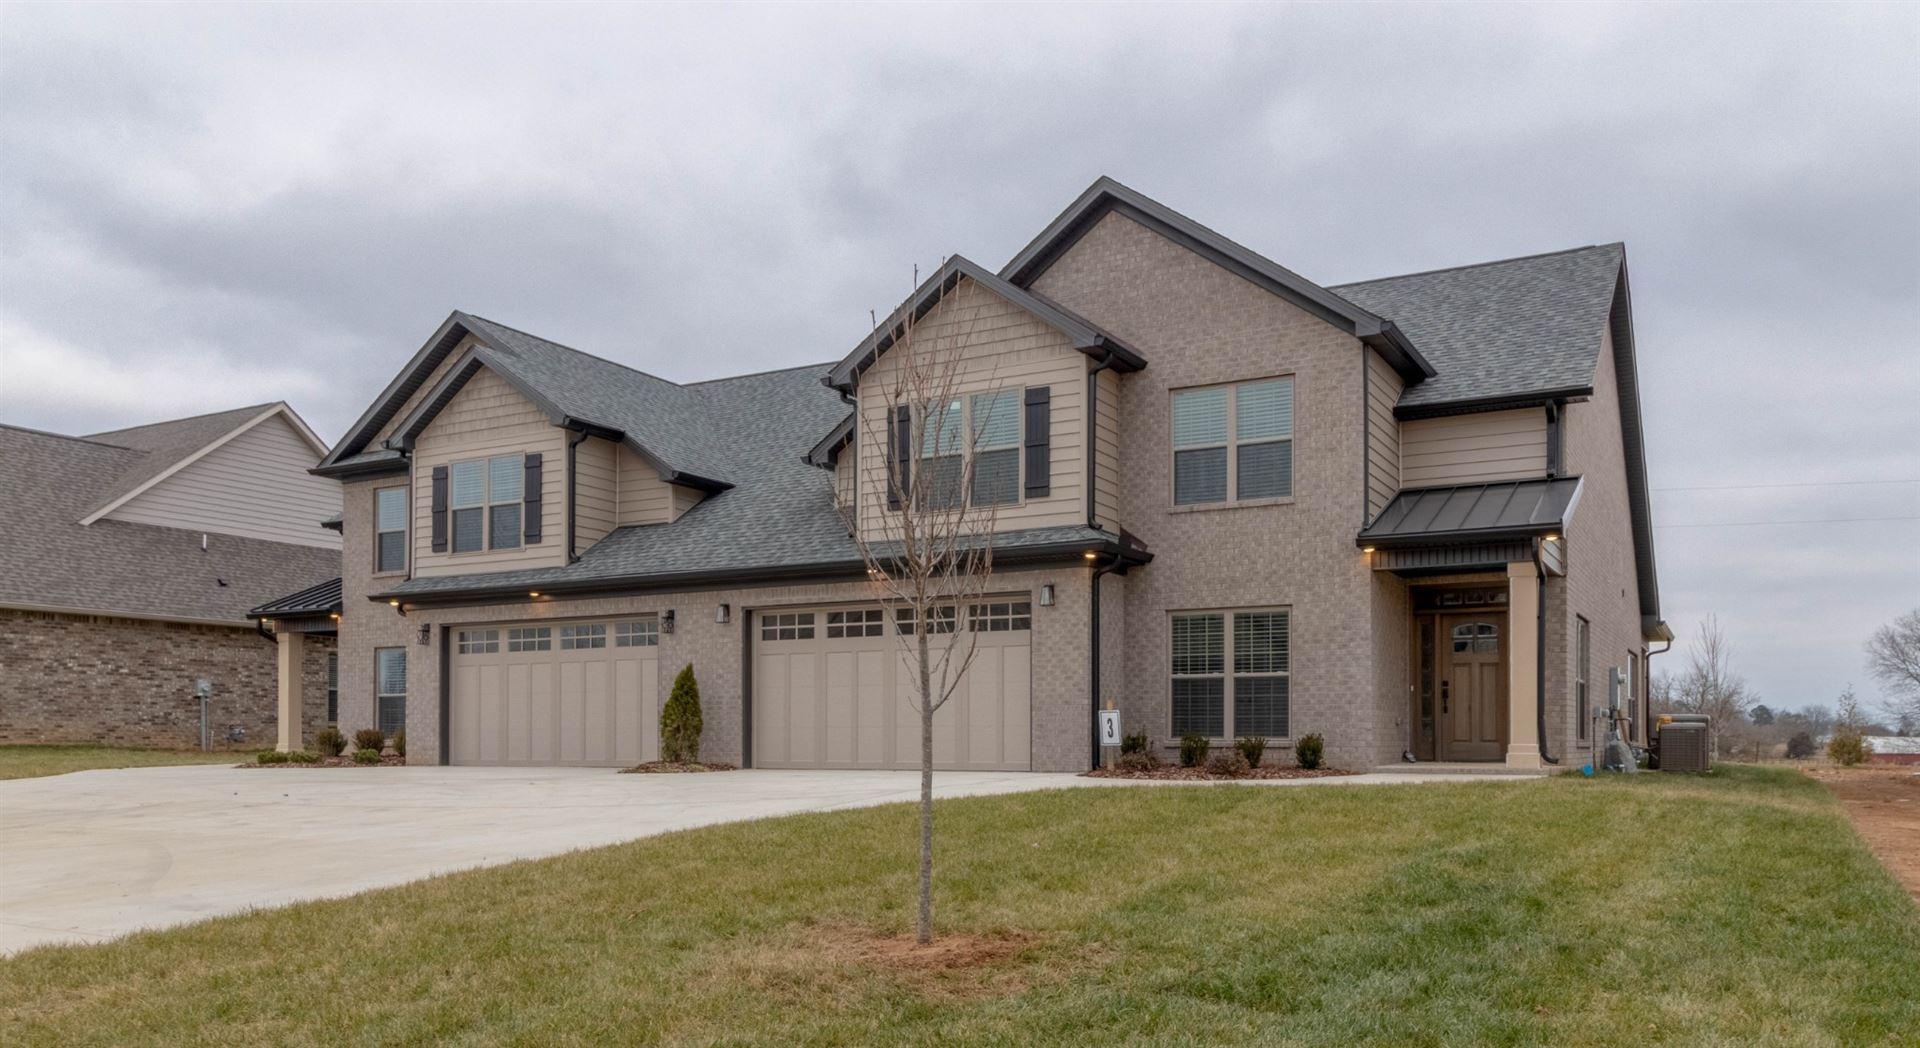 1093 Veridian Drive Unit 3B, Clarksville, TN 37043 - MLS#: 2231986